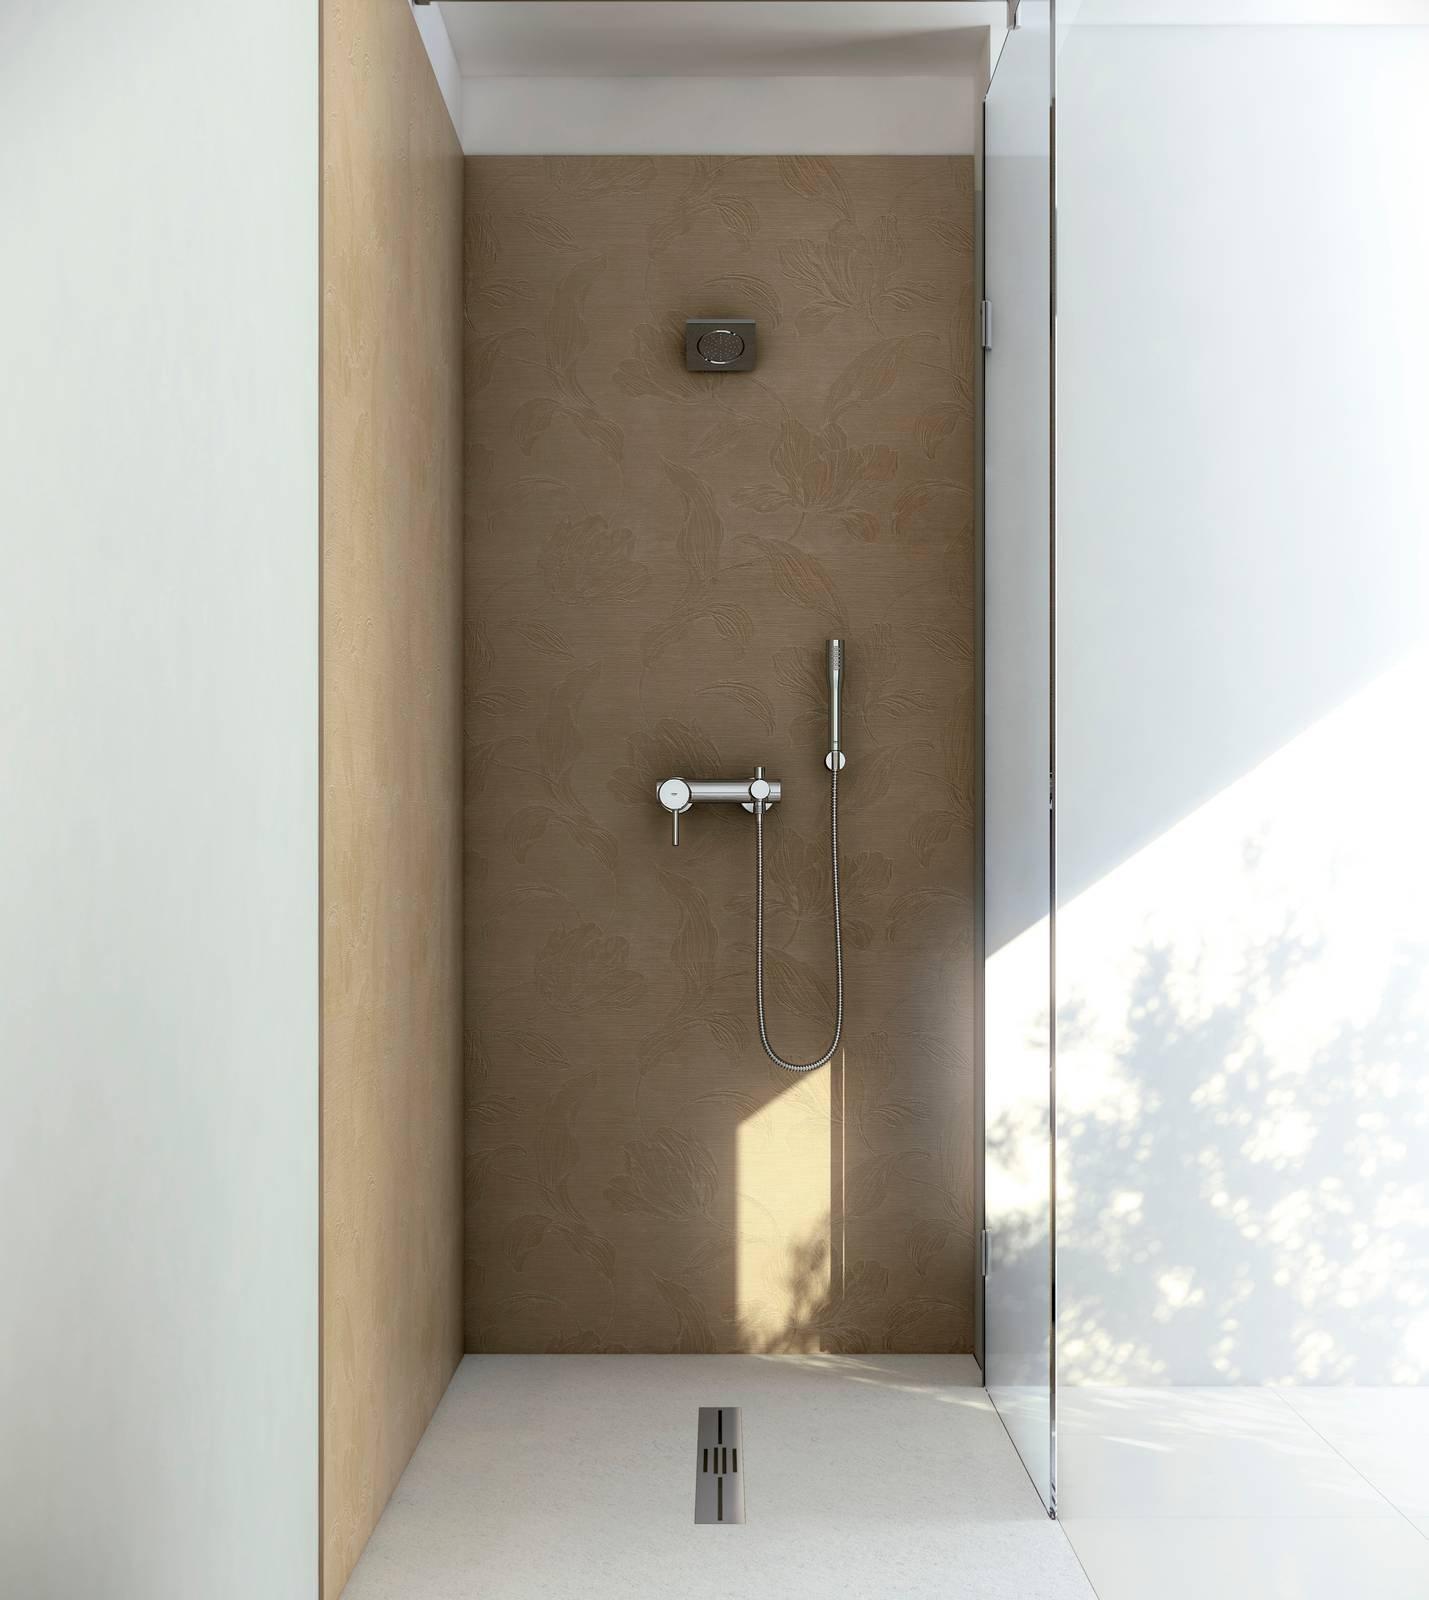 Piatto doccia e pannelli decor da mettere anche sulle vecchie piastrelle cose di casa - Pannelli per pareti bagno ...